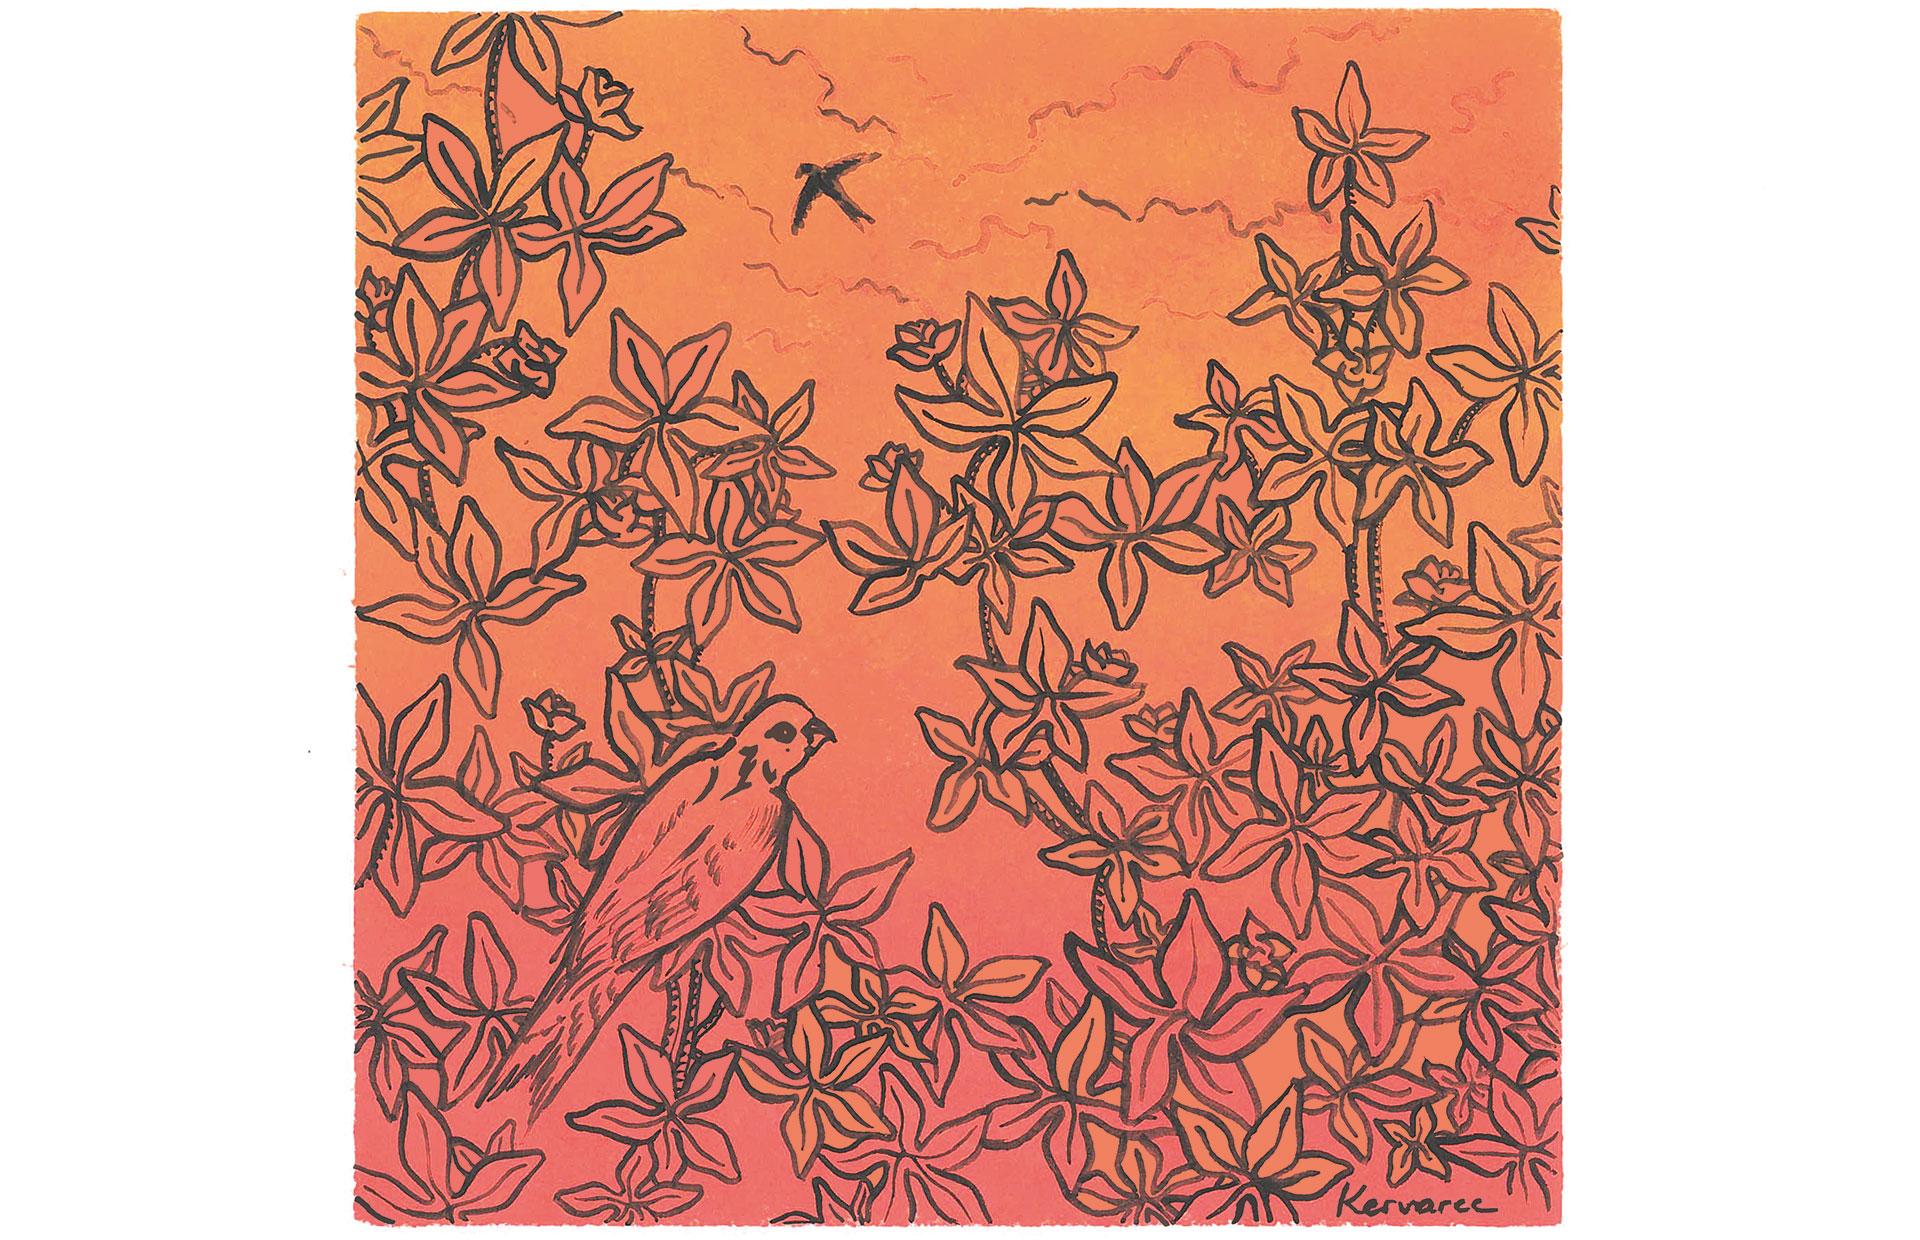 Oiseau sur fond orange, Anne Kervarec artiste peintre Nantes